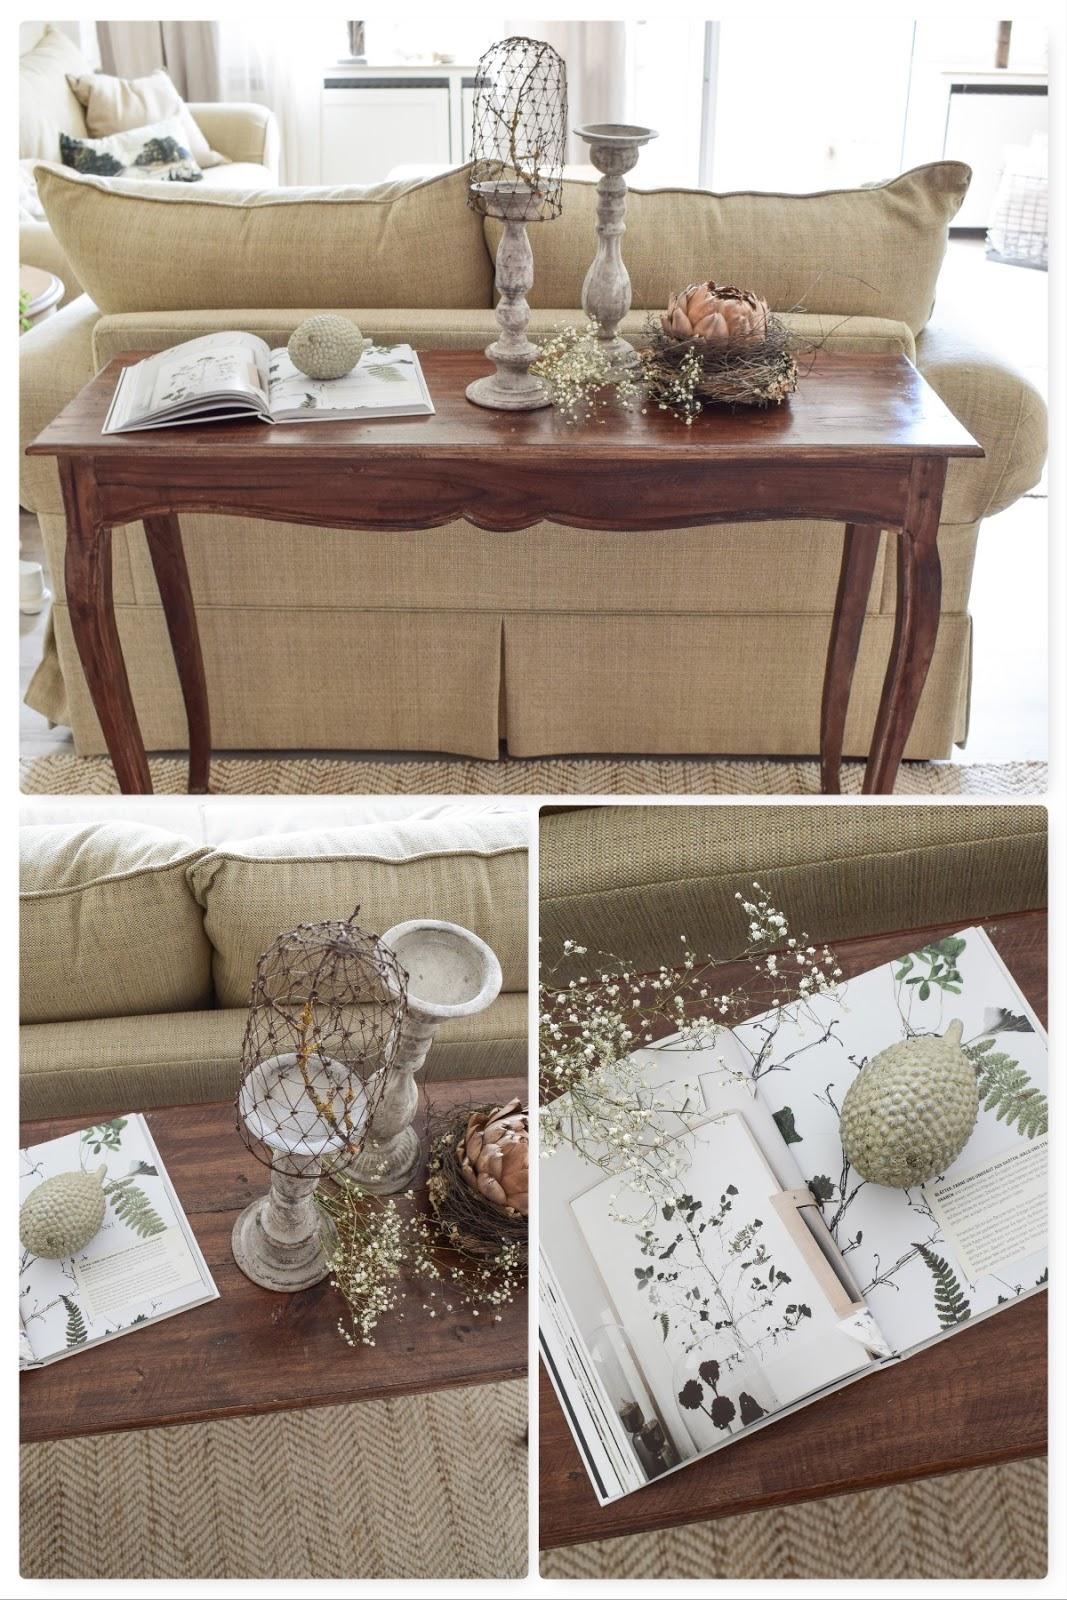 3 Dekoideen für deinen Konsolentisch und Sideboard. Natürlich dekorieren im Wohnzimmer Flur Esszimmer. Dekoidee Konsole Naturdeko getrocknete Artischocke